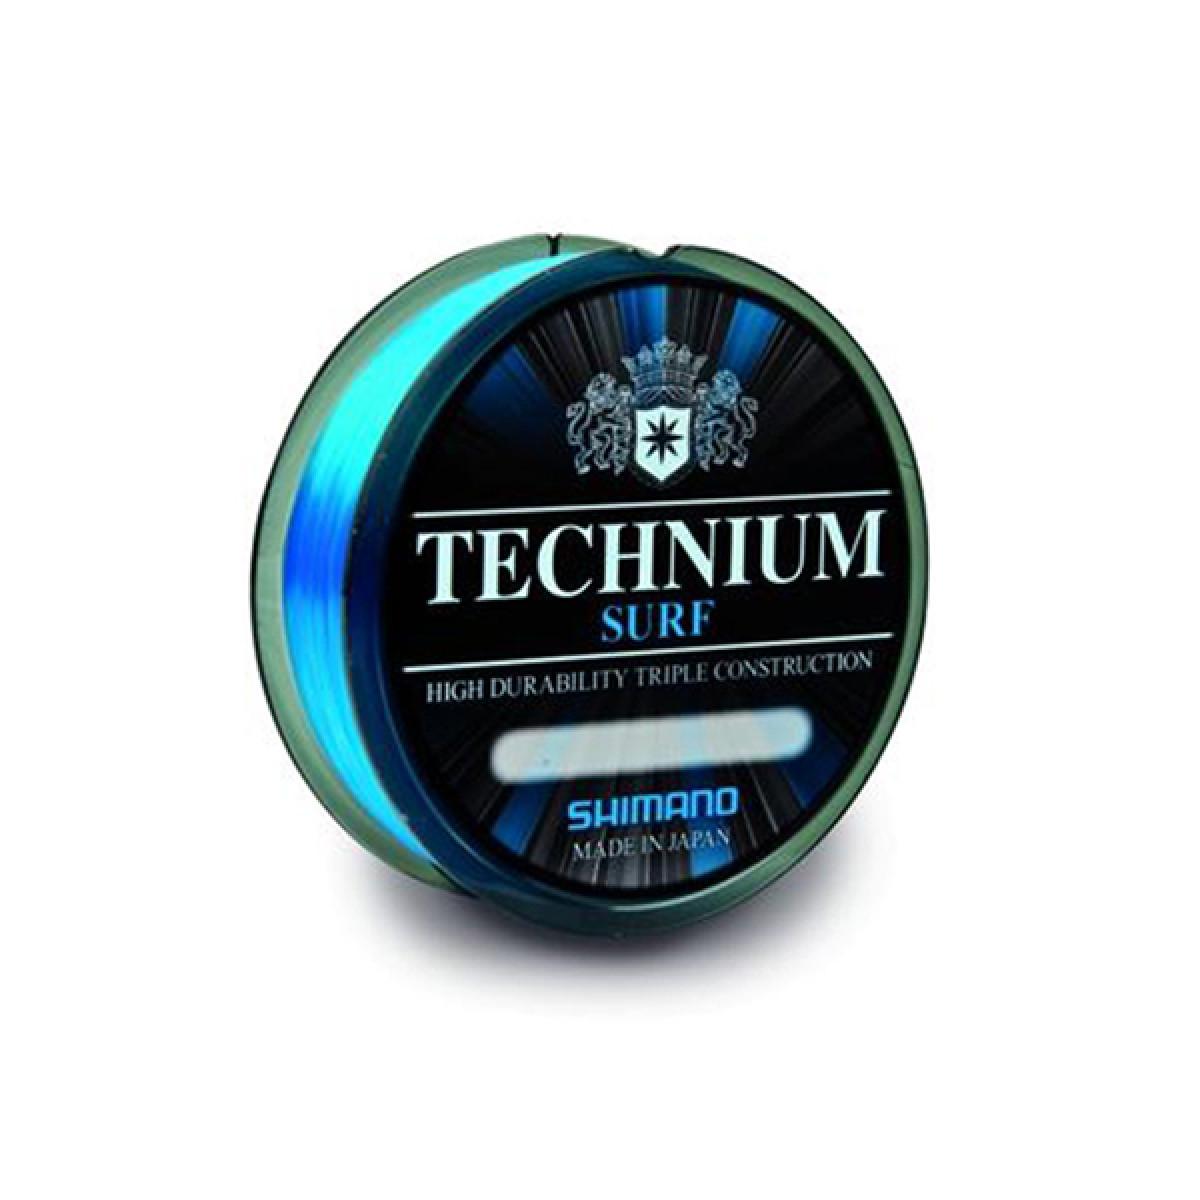 Technium Surf